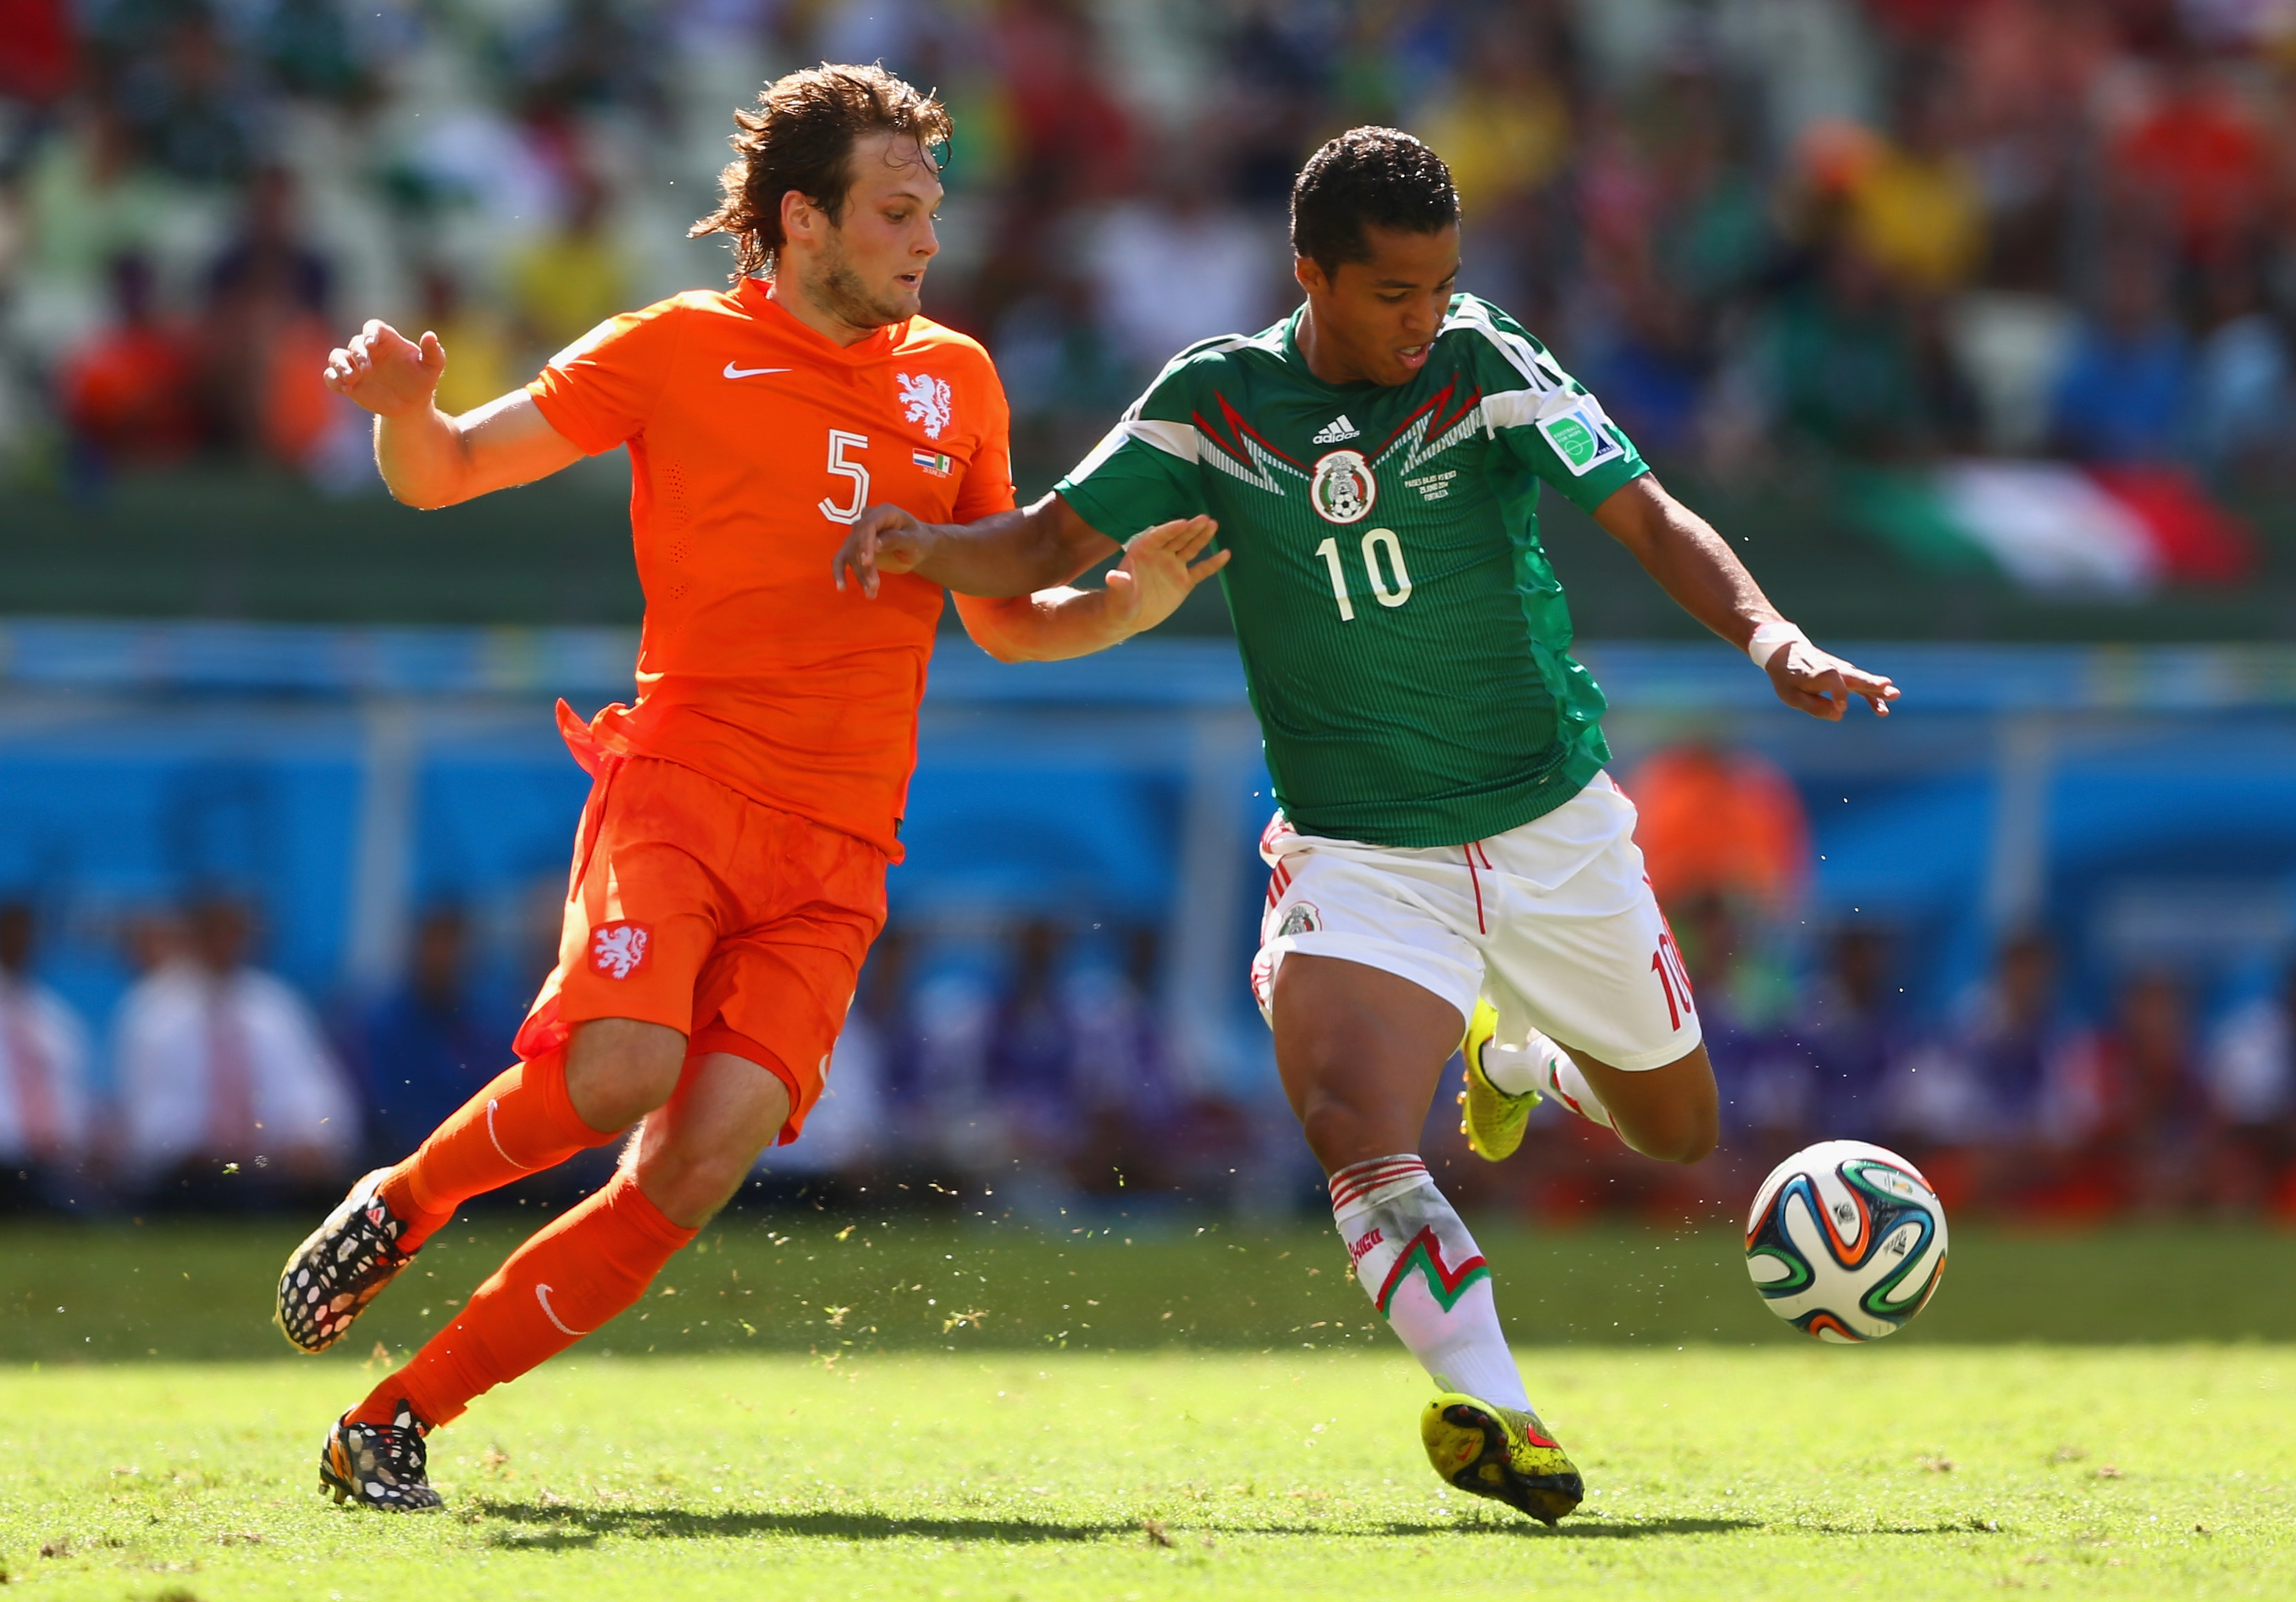 Niederlande gegen Mexiko (Update): 1:1 Gleichstand durch Tor von Giovani Dos Santos und Sneijder  (Videos)